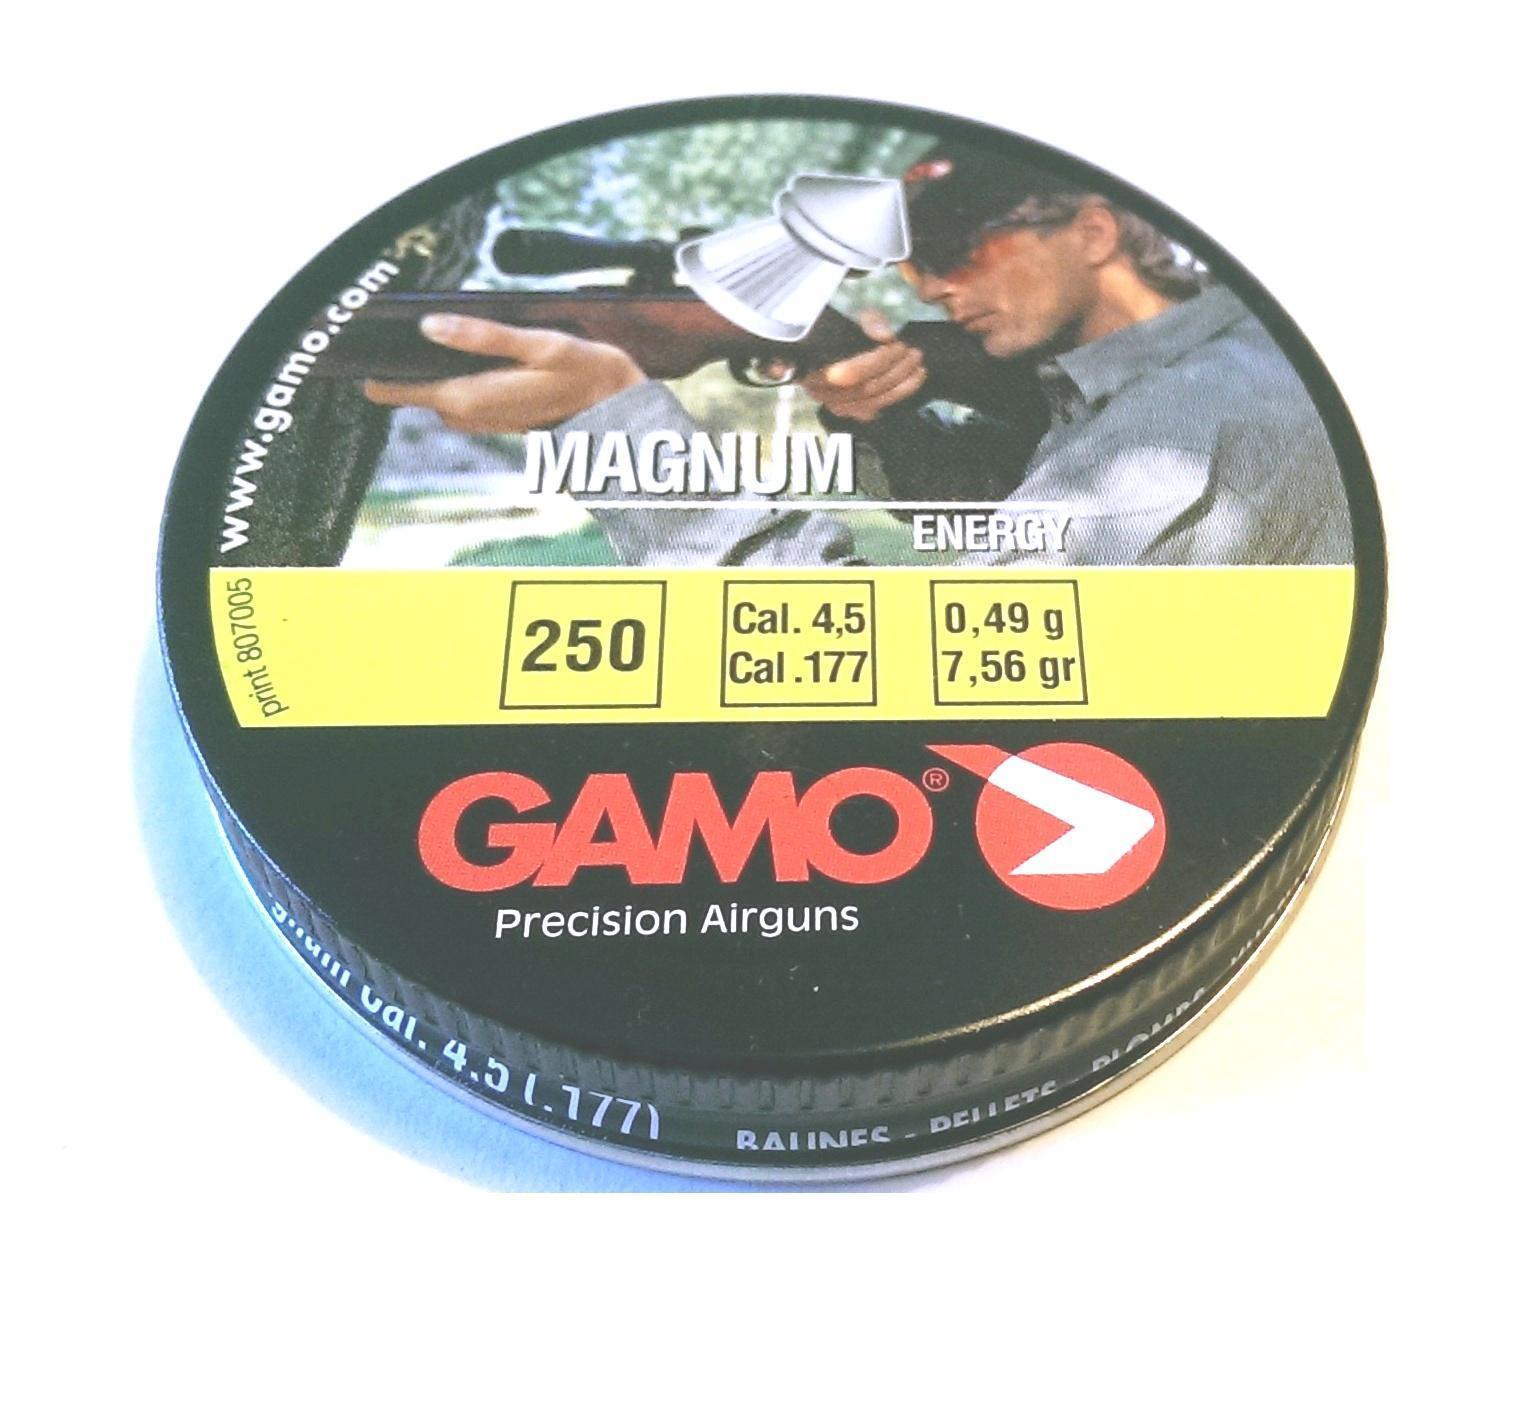 500 Gamo .177/4.5mm Magnum Energie Zugespitzt Pellets Pellets Pellets für Luftgewehr Gewehr 3f4609